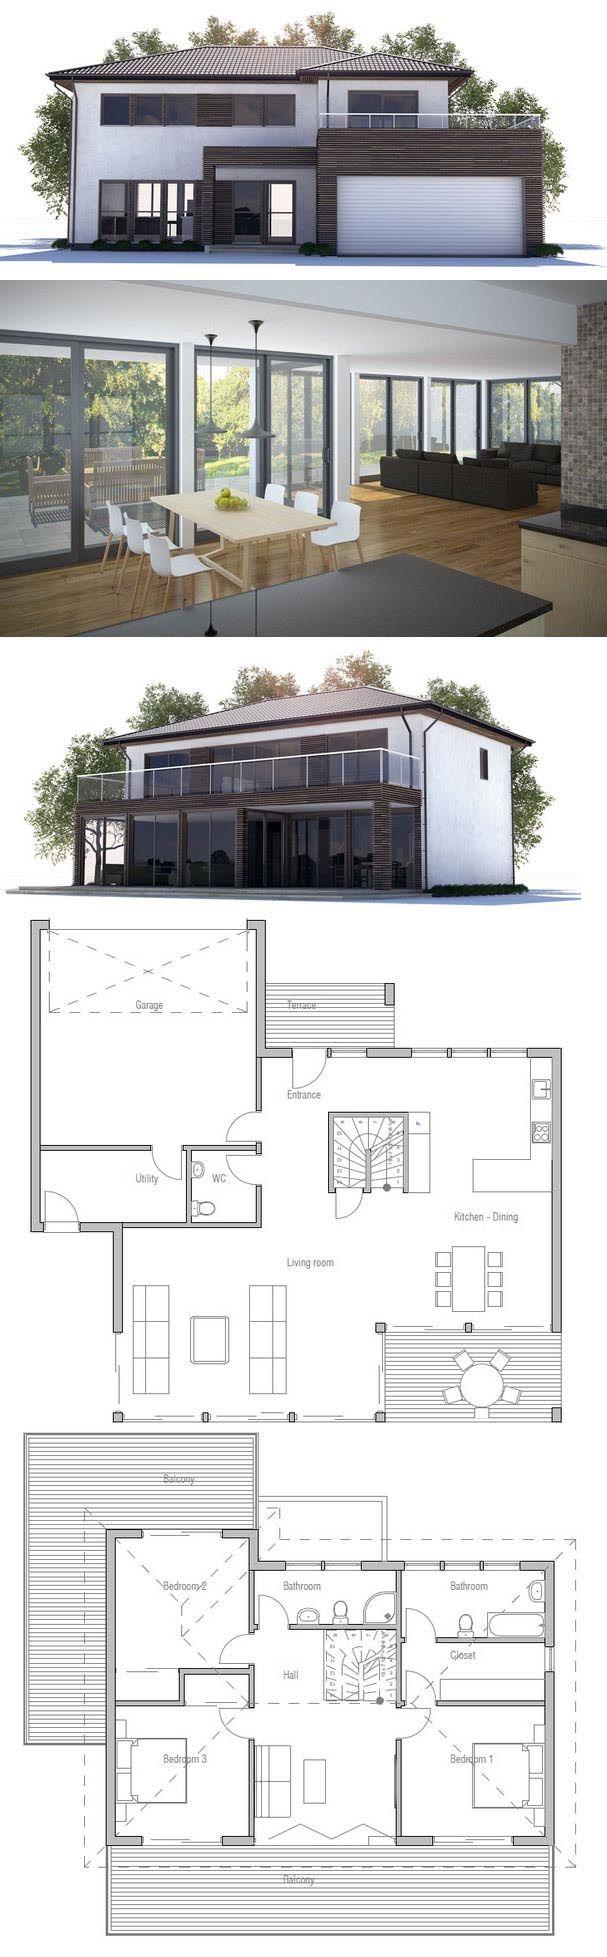 Traumhaus grundrisse hausbau gewerbe immobilien architektur modernen haus pläne moderne grundrisse moderne häuser